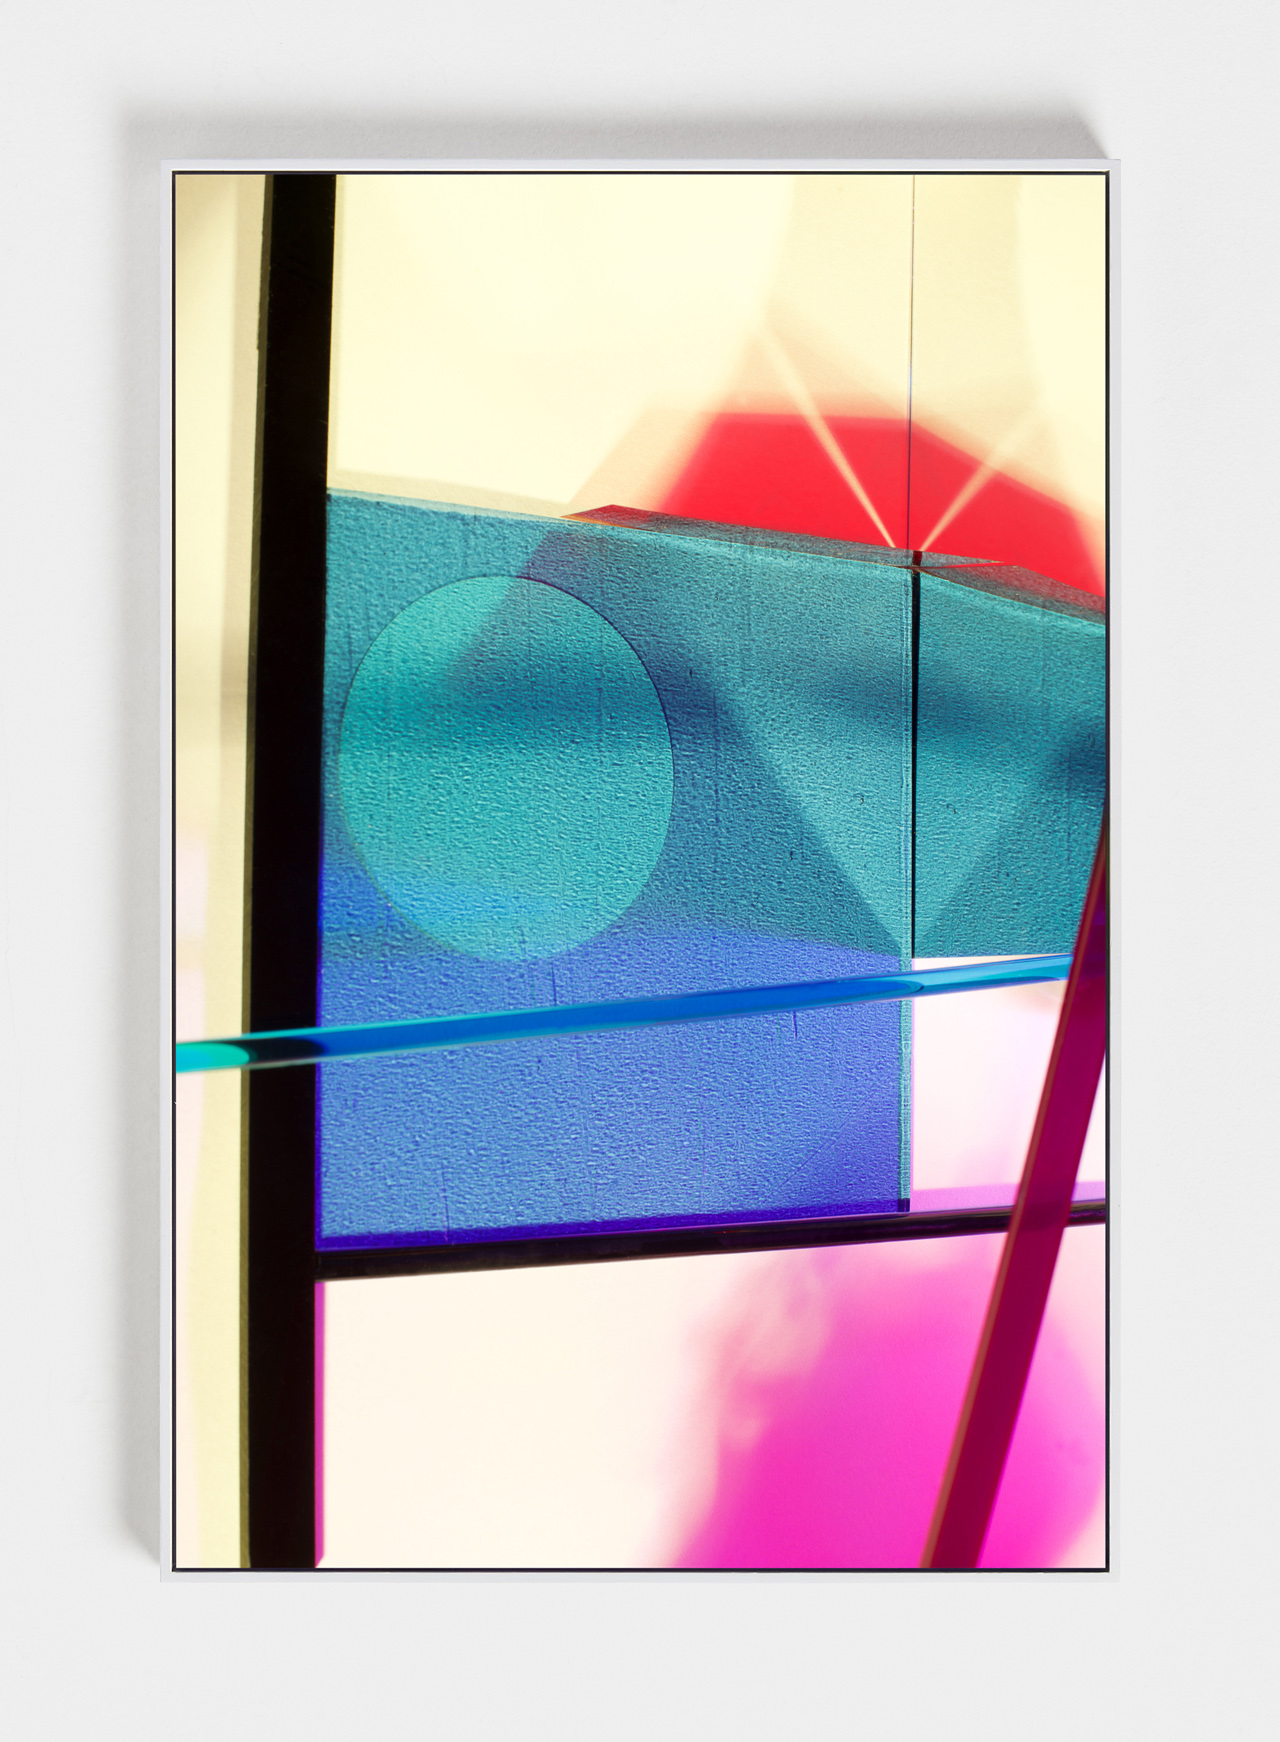 LYDIA WEGNER   Blue Cross Cast  2019 Archival inkjet print, steel frame 120 x 80cm